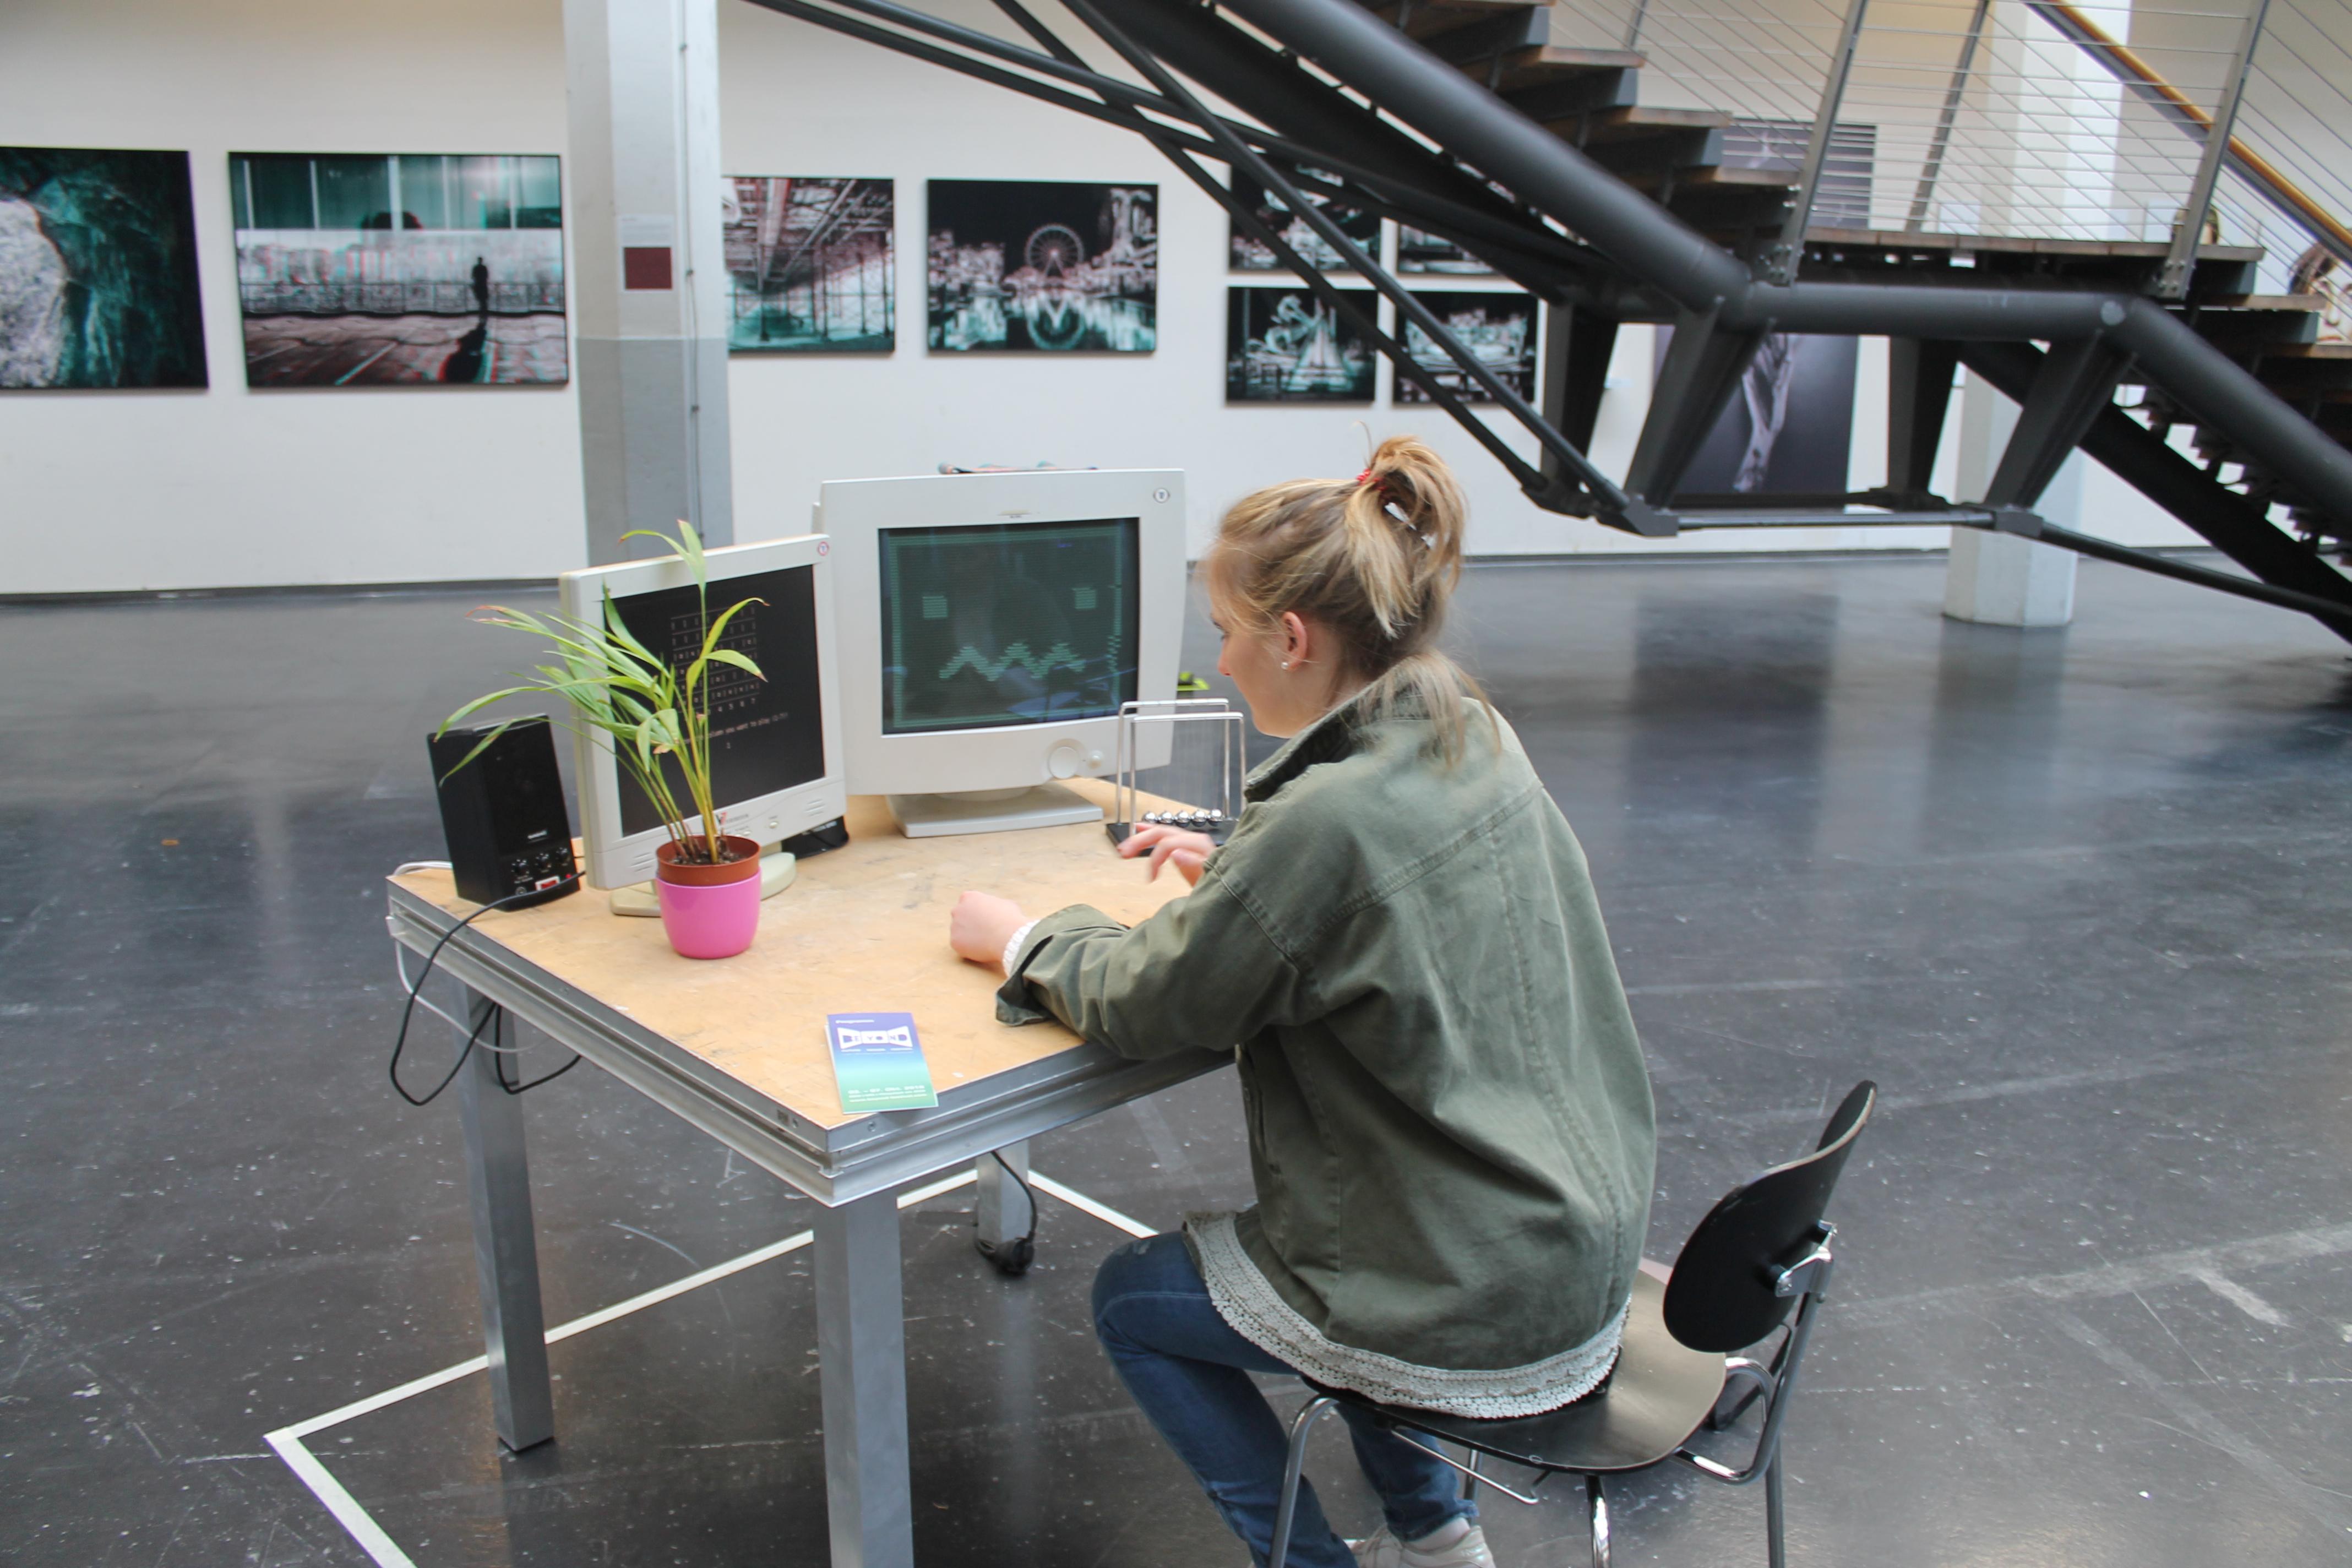 Reporterin Conni vor zwei Bildschirmen